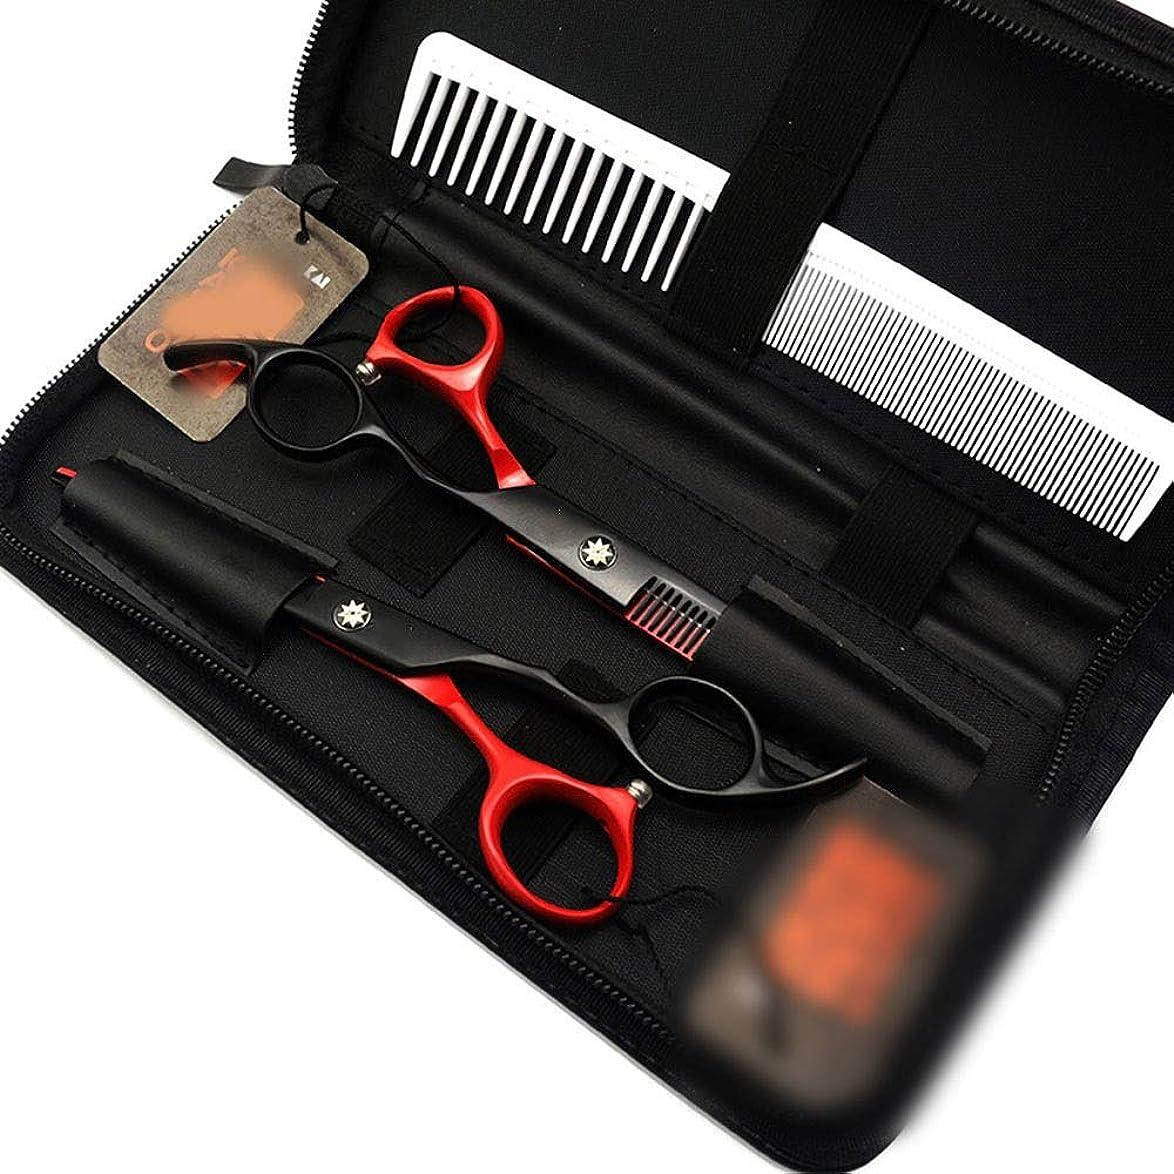 援助する団結する施し6.0インチの黒く赤く平らな+歯はさみセット、専門の理髪はさみ用具 モデリングツール (色 : Black red)